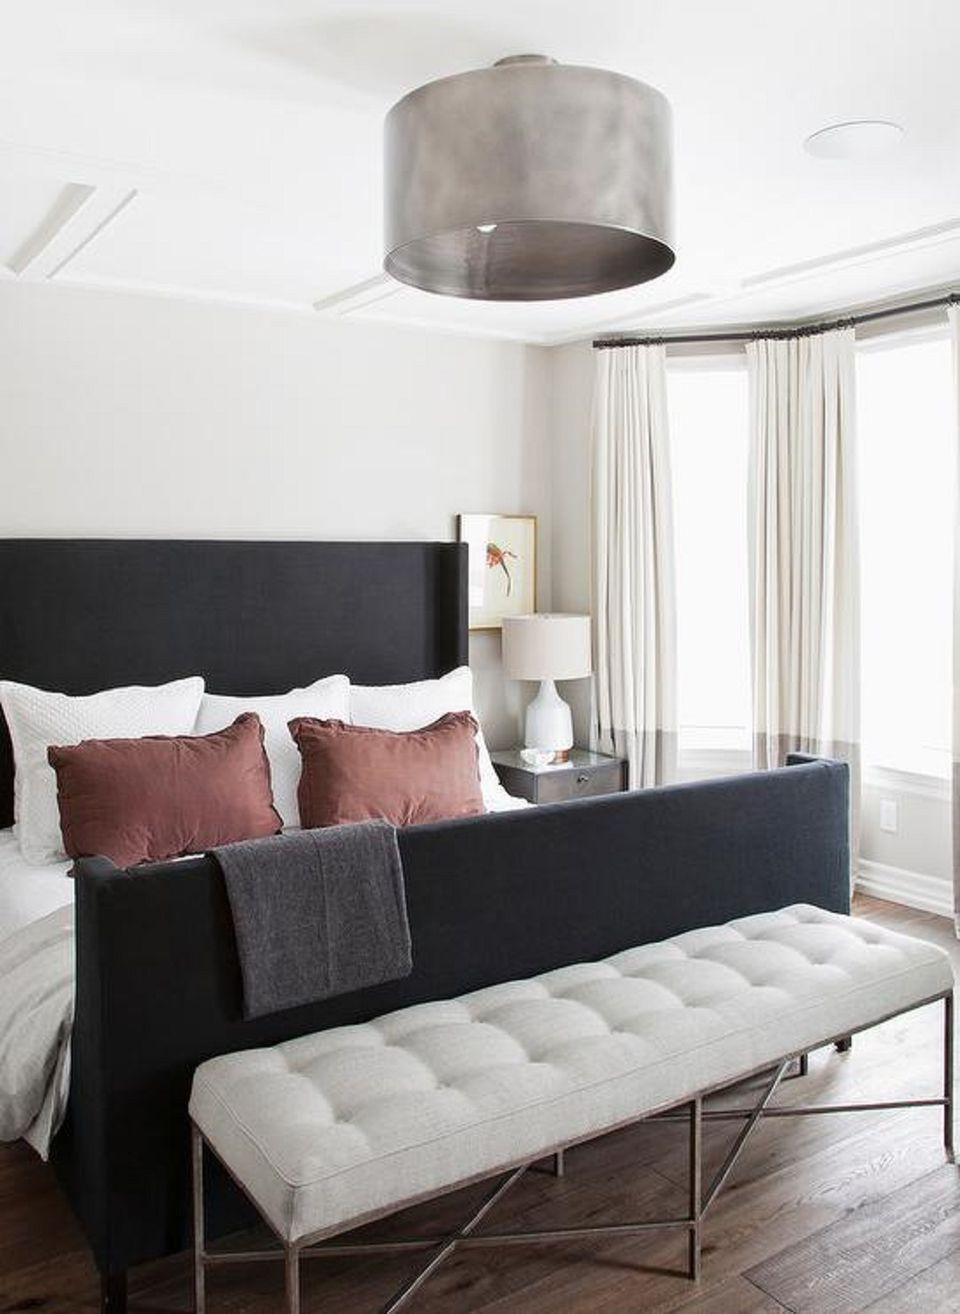 Romantisches schlafzimmer interieur romantische schlafzimmerbeleuchtungsideen für valentinstag